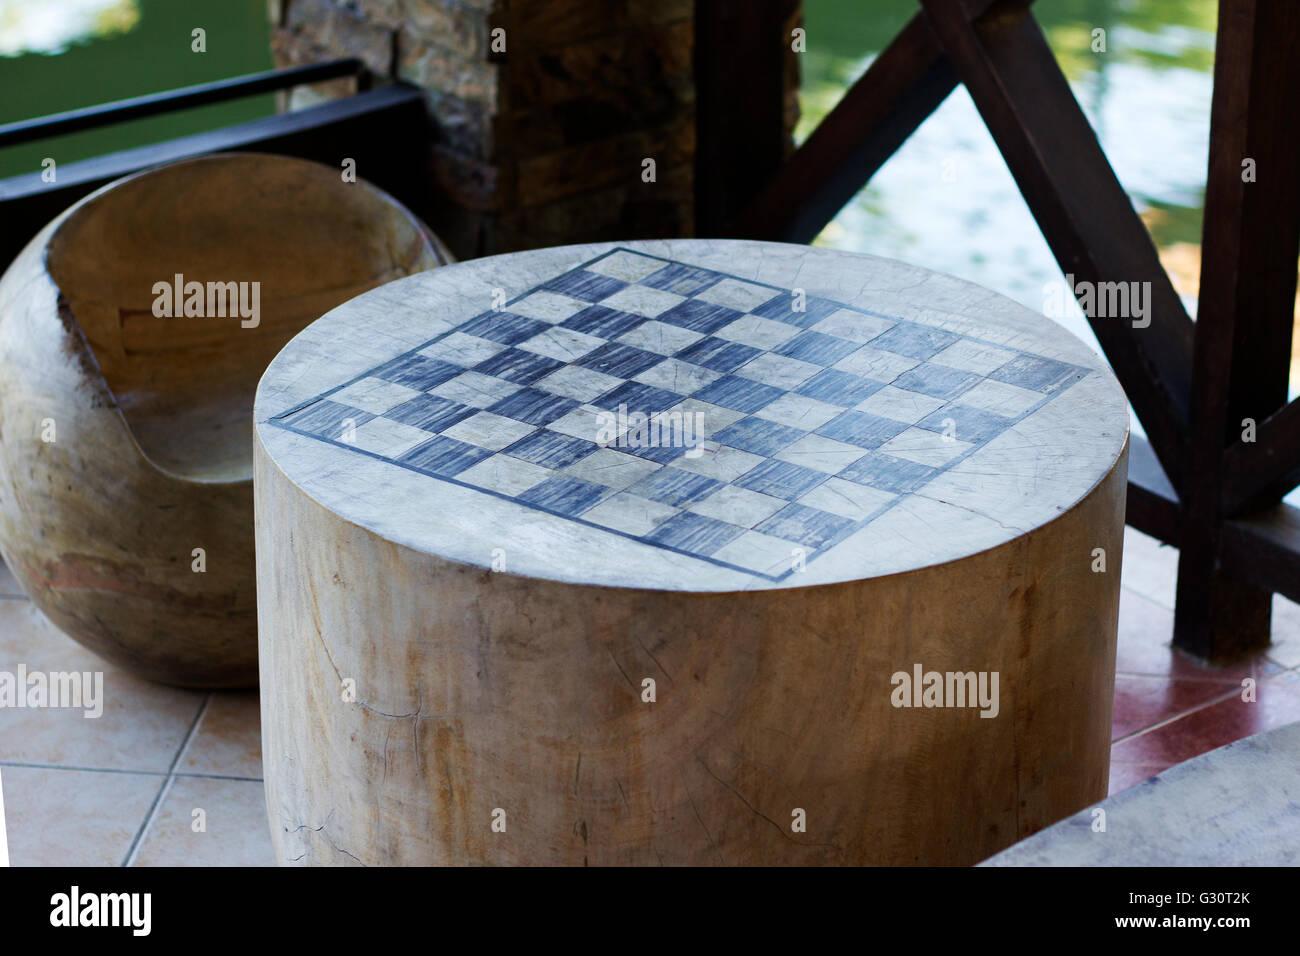 Scacchiera disegnato nella tavola di legno Immagini Stock